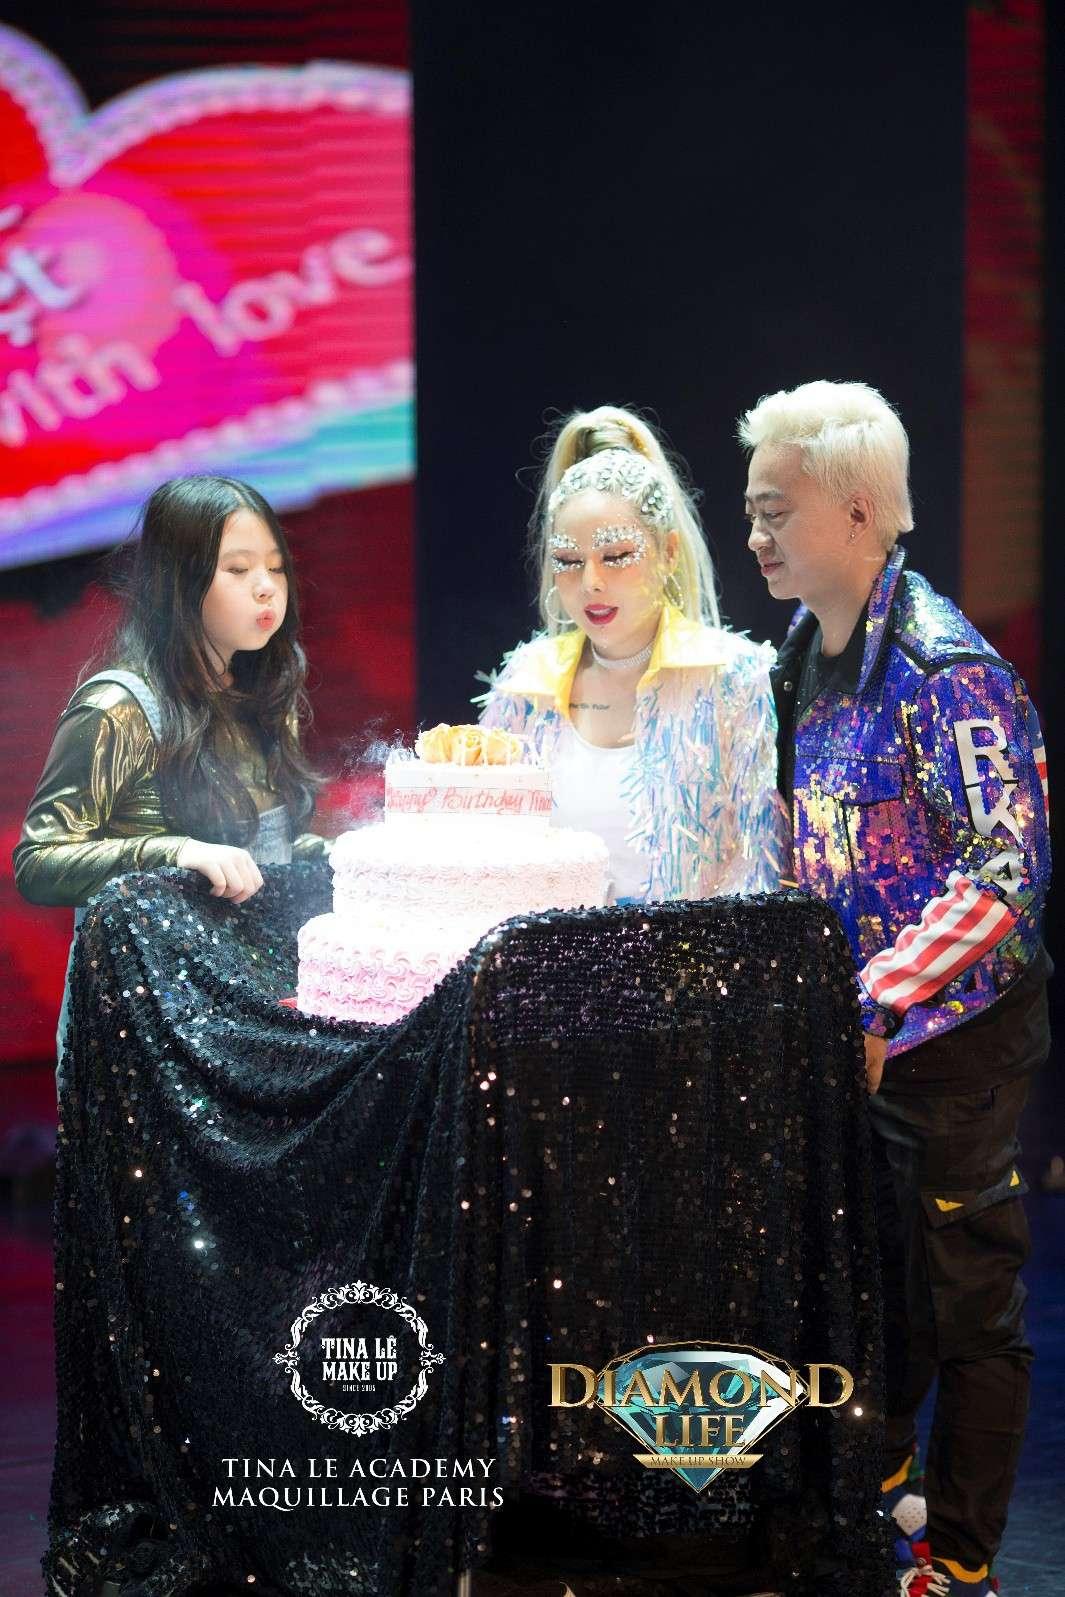 Chồng và con gái chúc mừng Tina Lê tại show Diamond Life